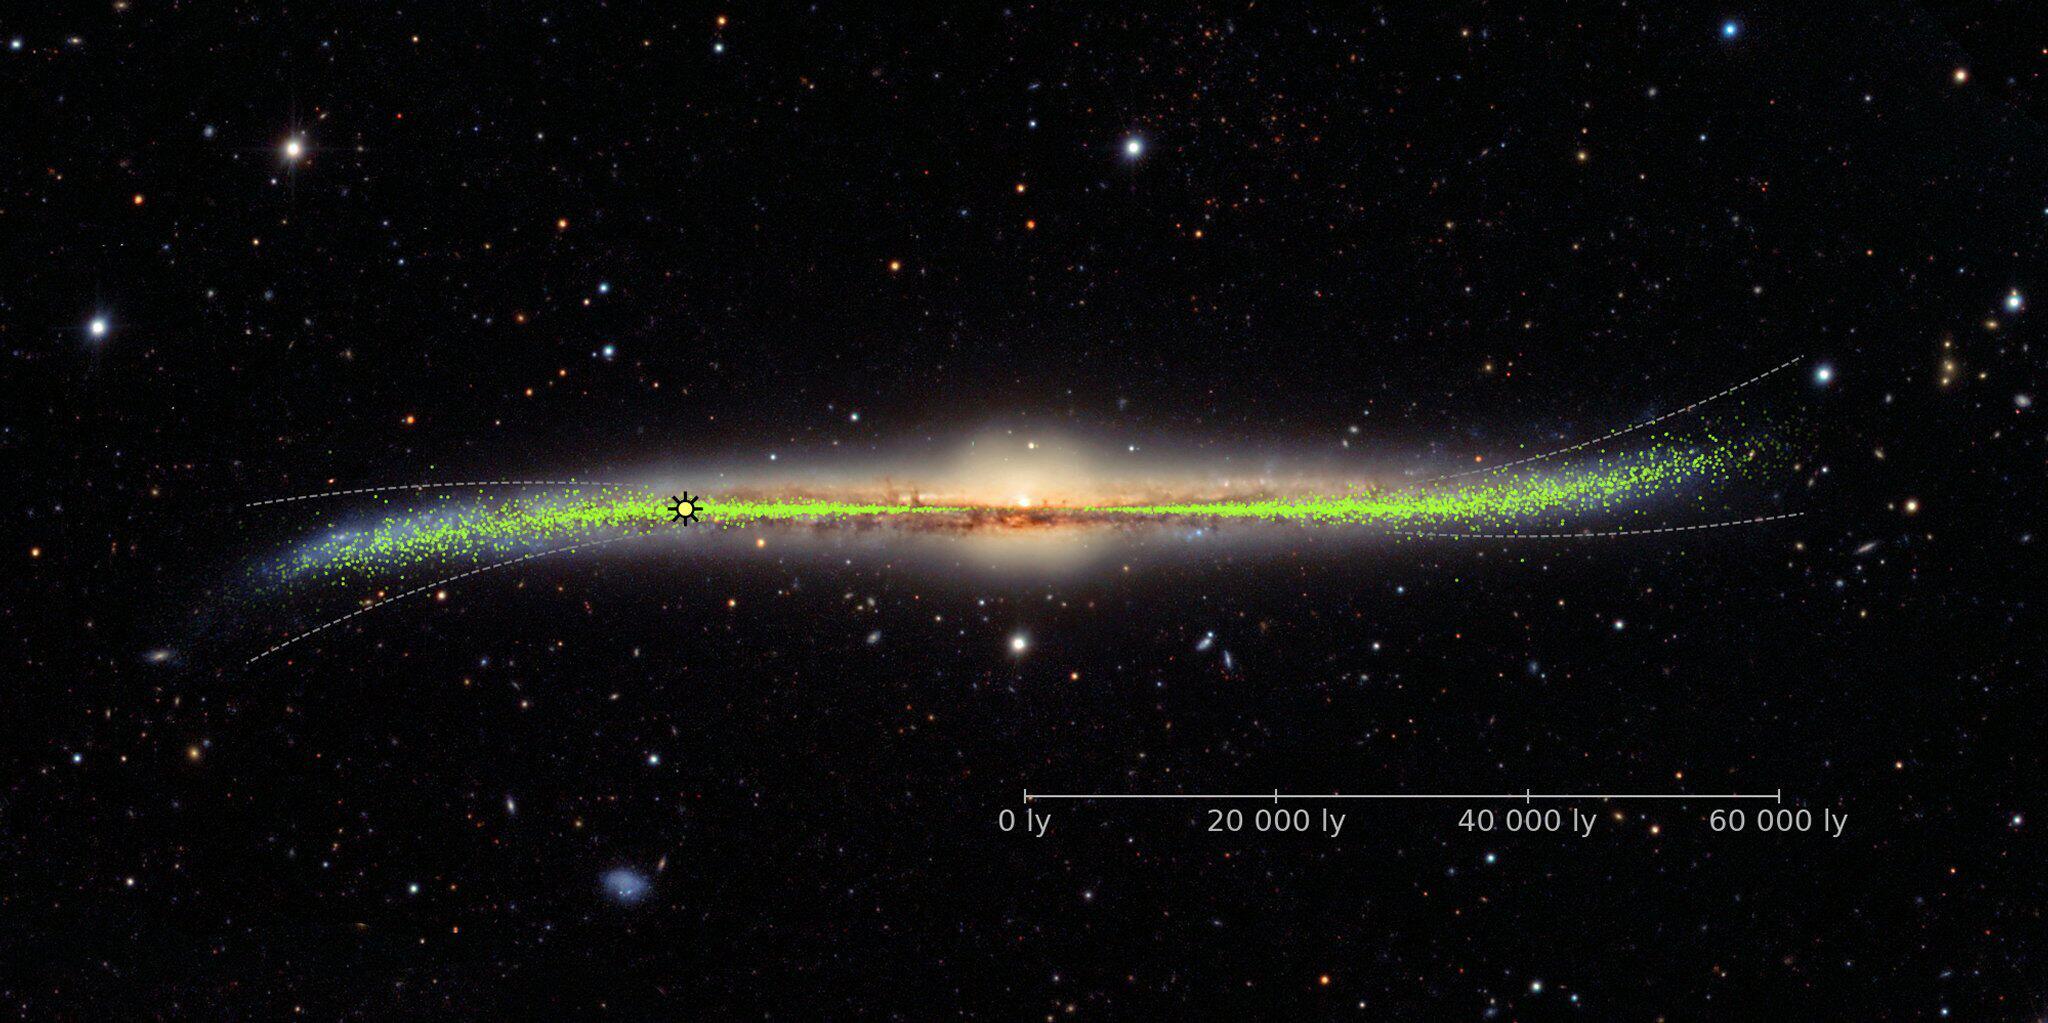 Bild zu Detailkarte der Milchstraße zeigt verbogene Scheibe